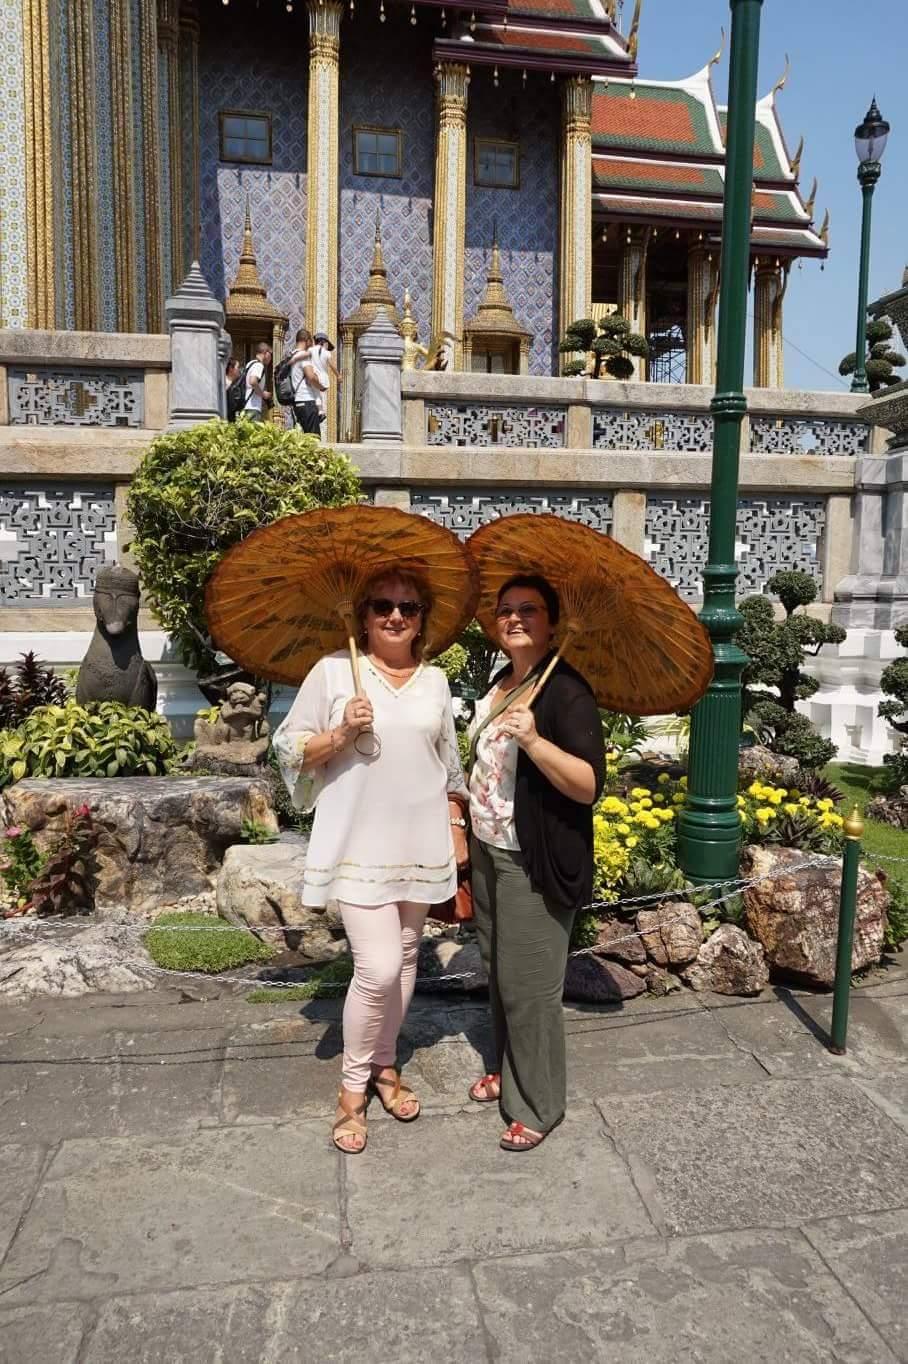 Nuo karštos Tailando saulės – slėpynės po rankų darbo skėčiais. Asmeninio archyvo nuotr.